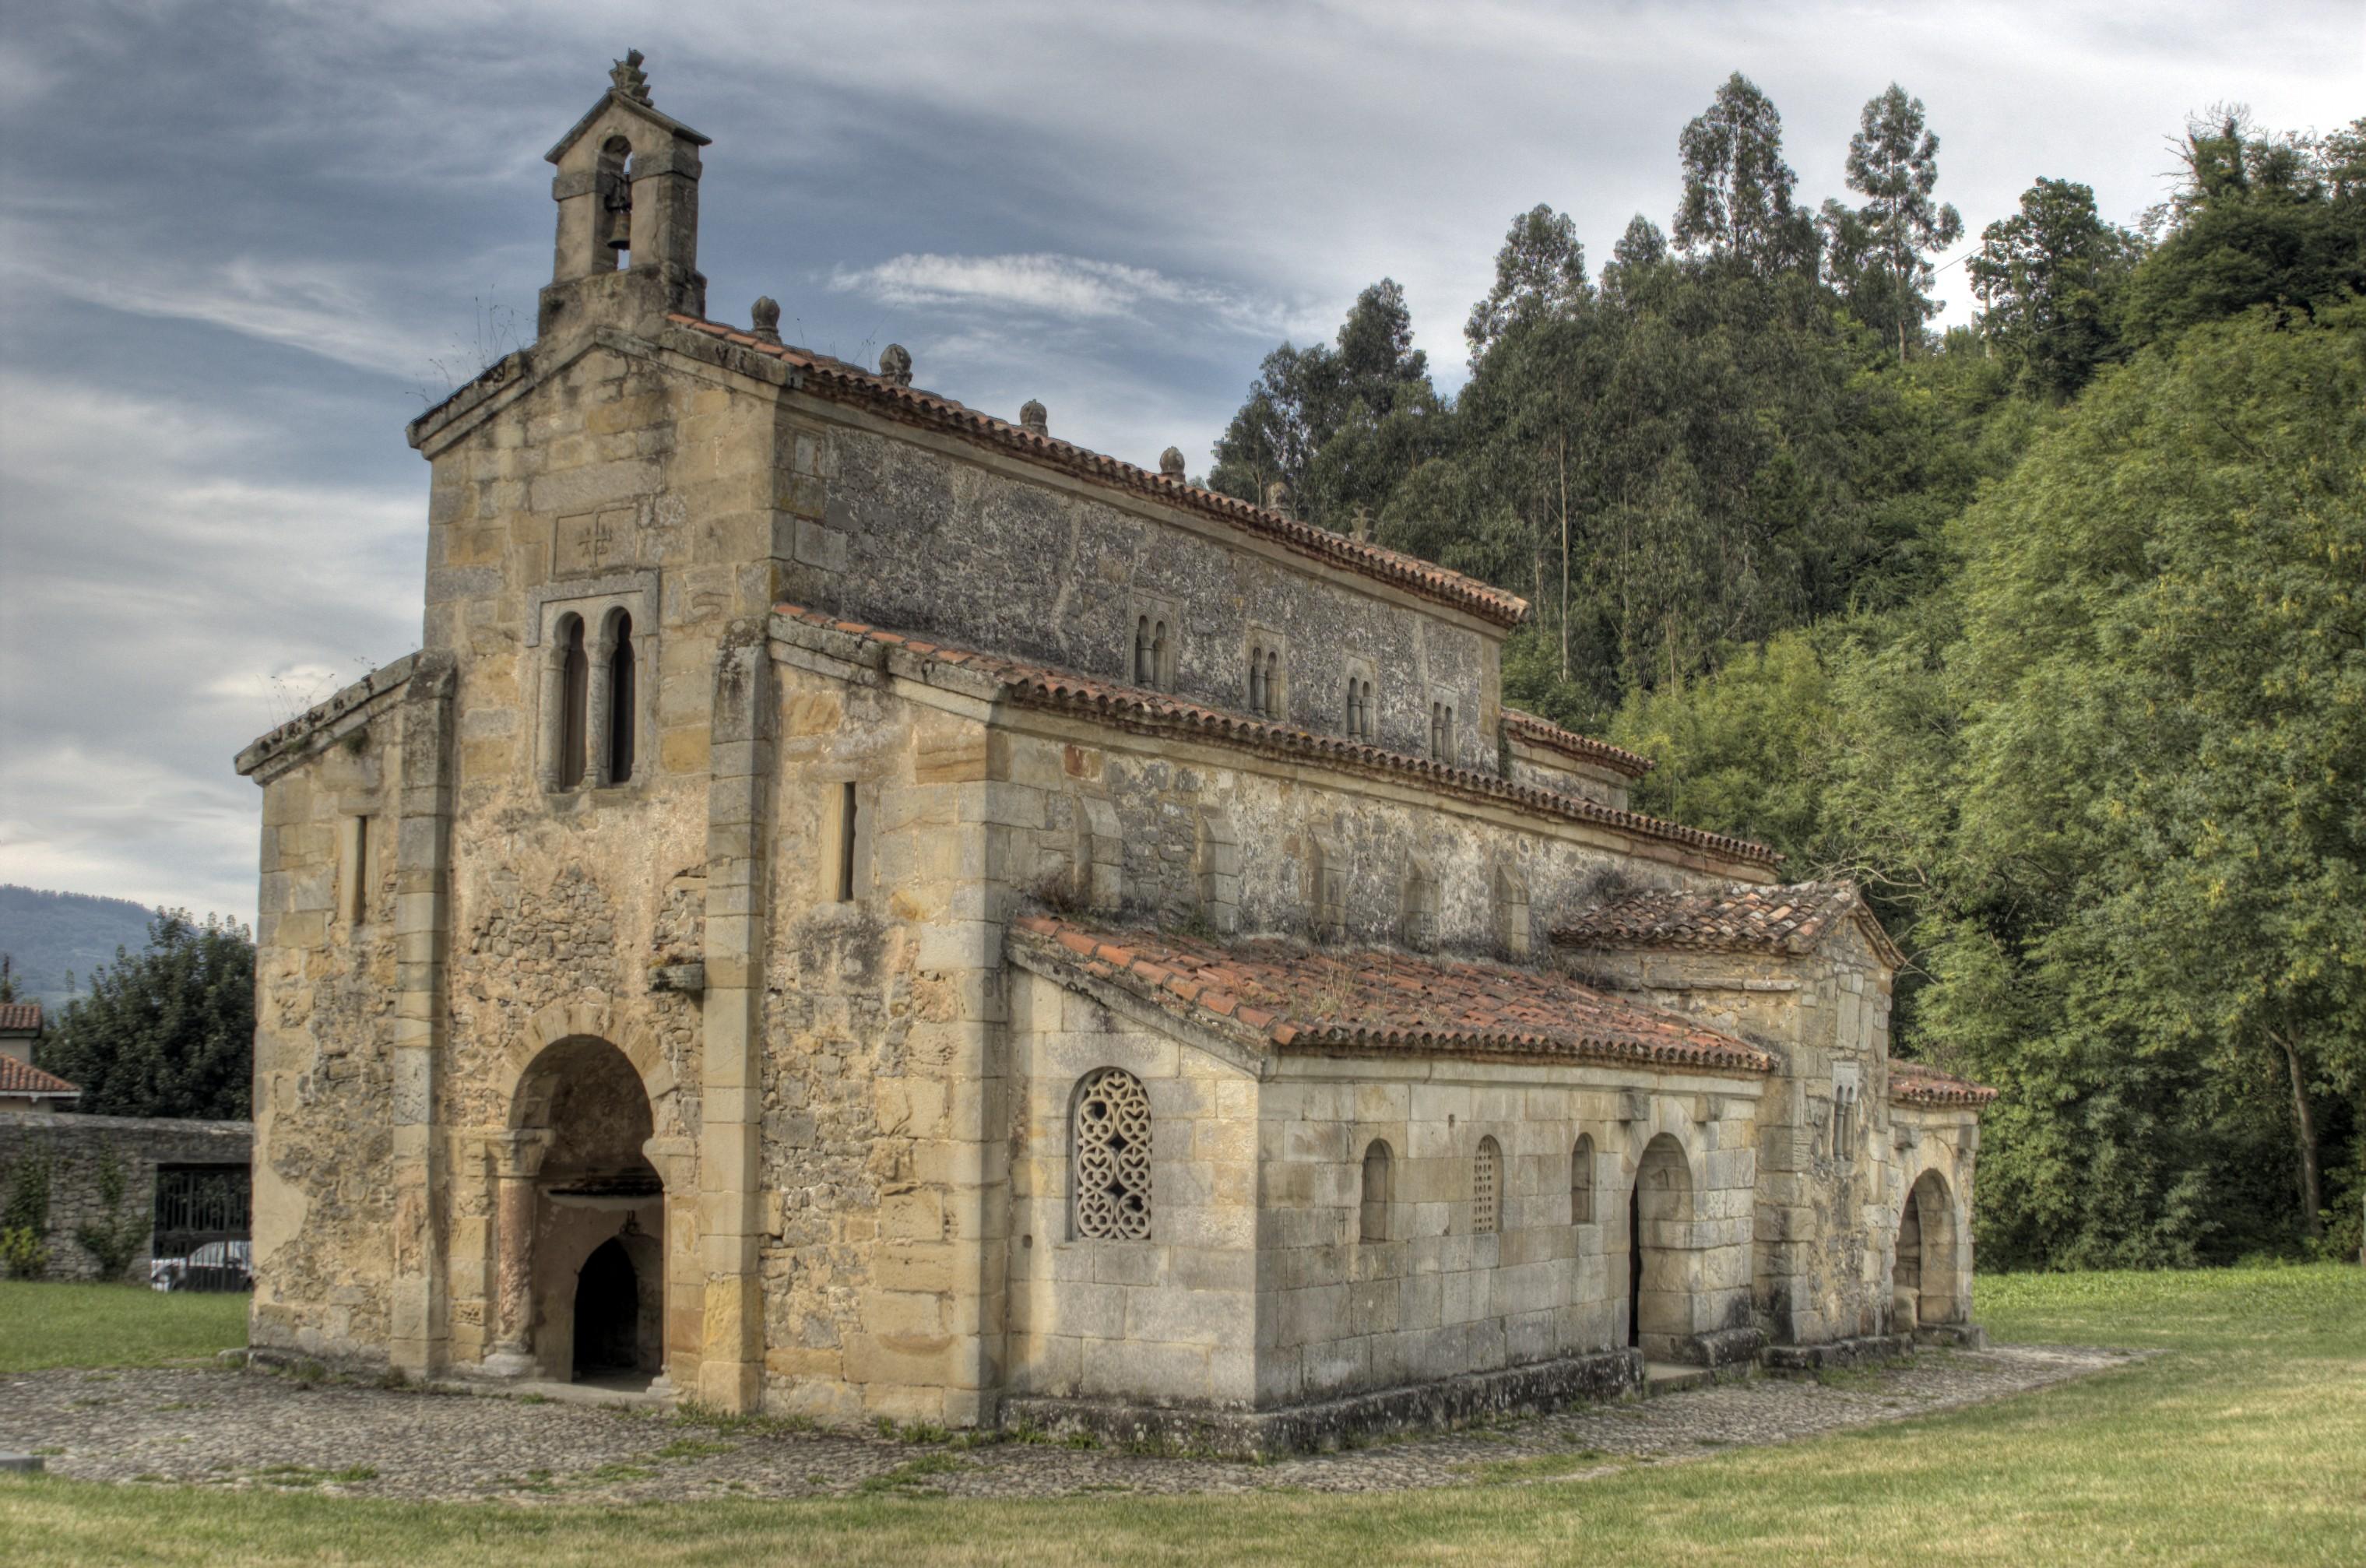 La Iglesia prerrománica de San Salvador de Valdediós se encuentra, también, en el mismo poblado, cerca de Villaviciosa.